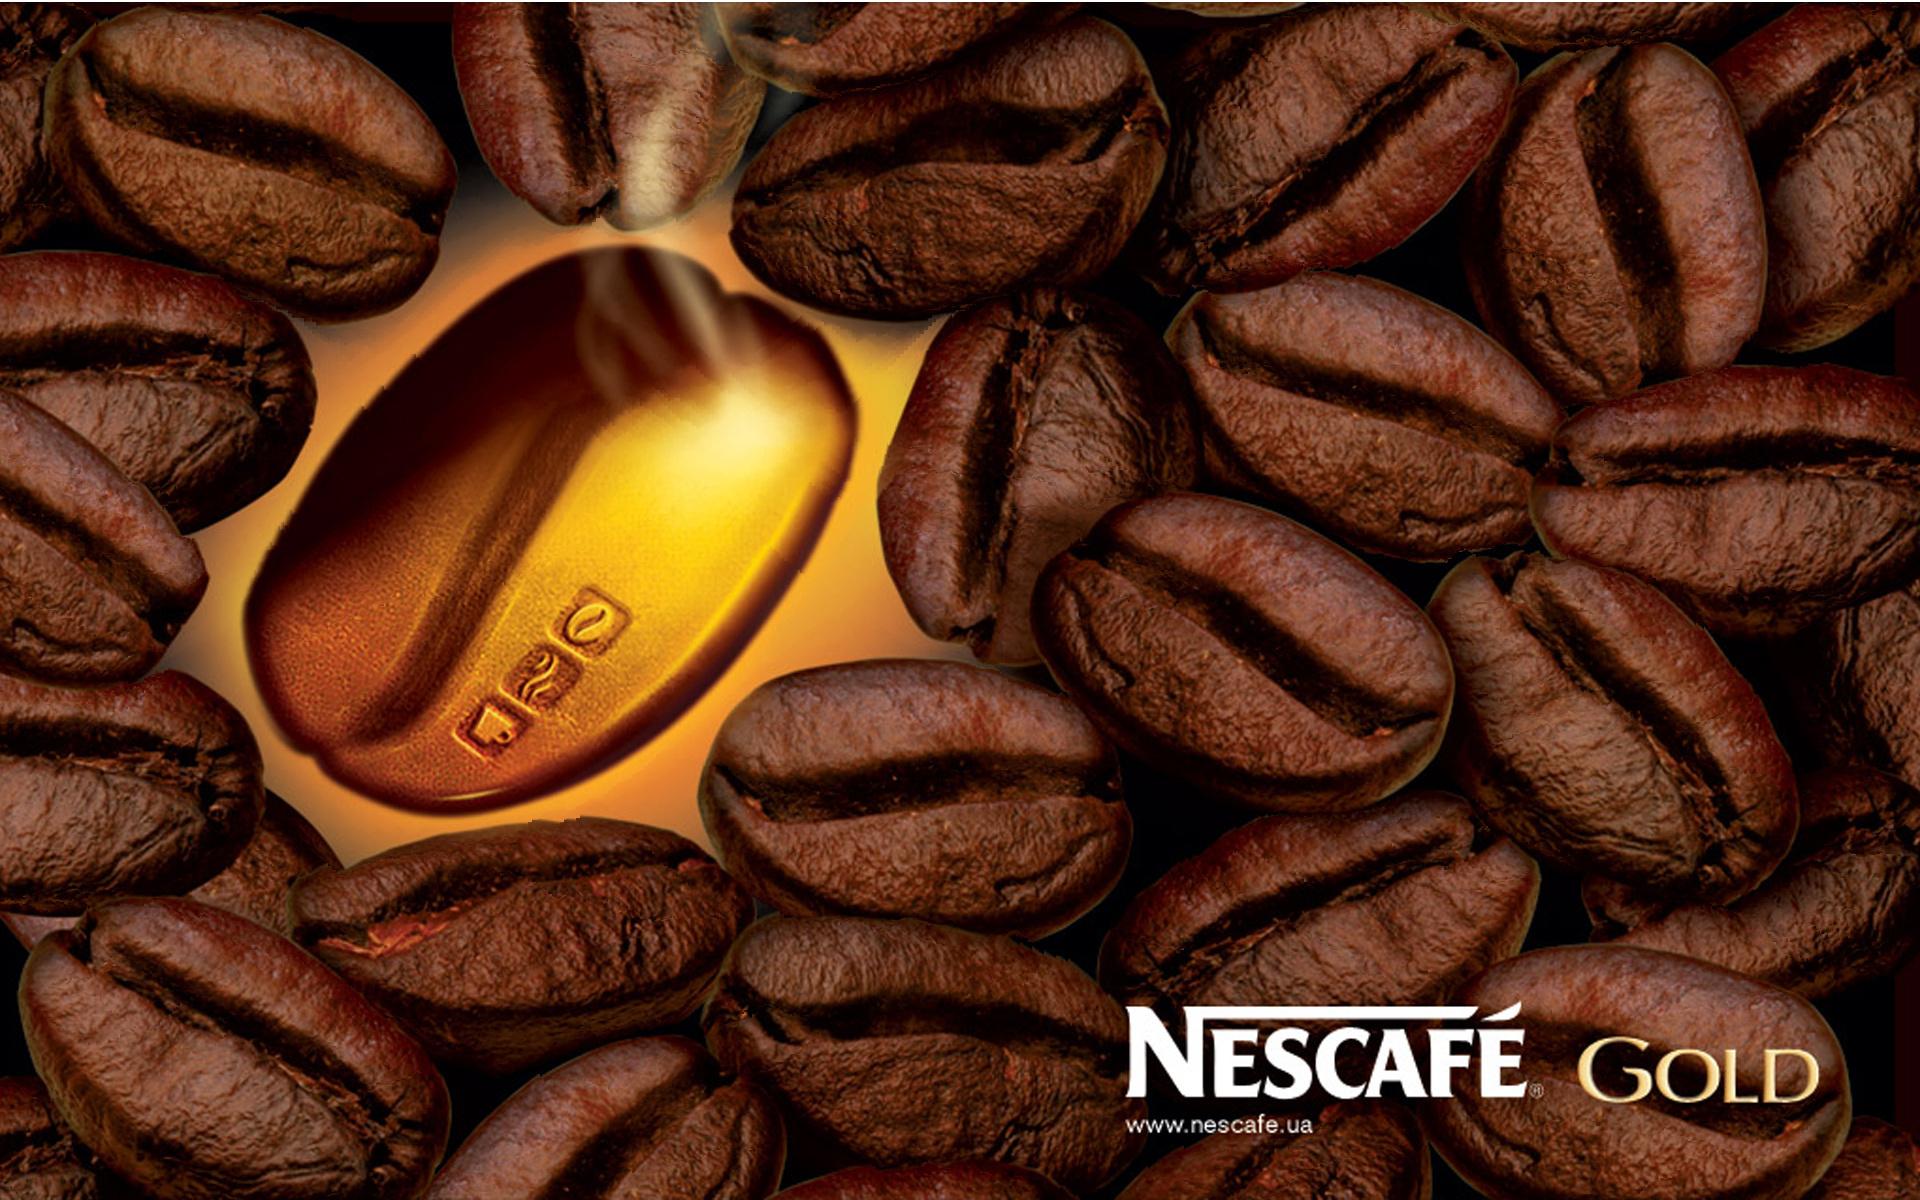 кофе, кофейные зерна, Nescafe, coffee wallpaper, скачать фото, обои для рабочего стола